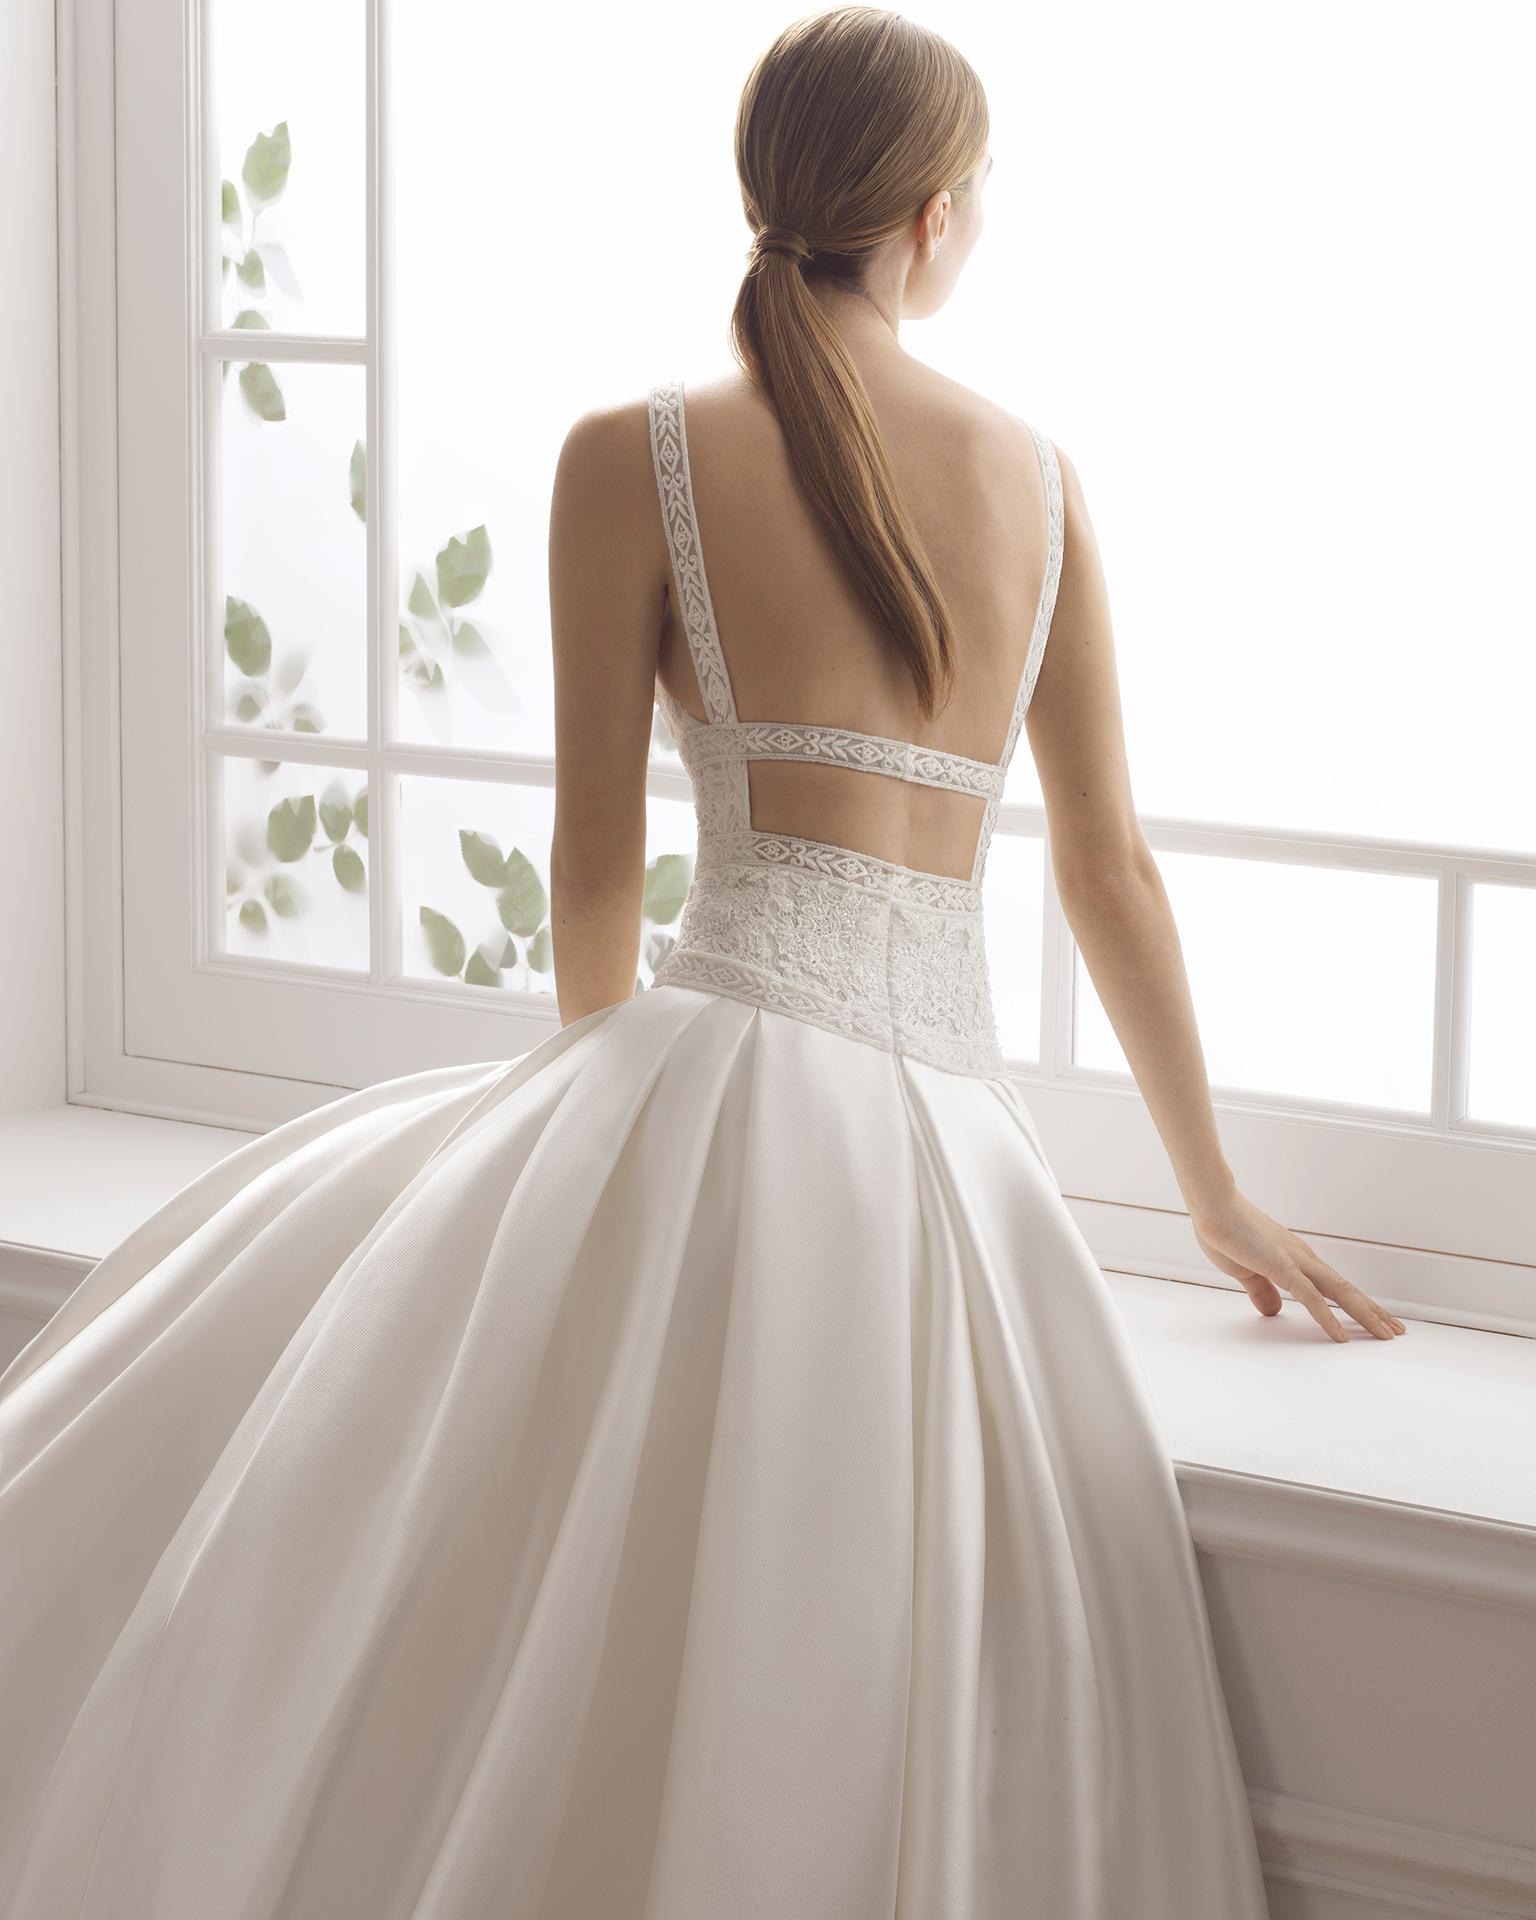 Vestido de novia estilo clásico en tamís y encaje pedrería. Escote barco y espalda descubierta. Disponible en color natural. Colección AIRE BARCELONA 2019.